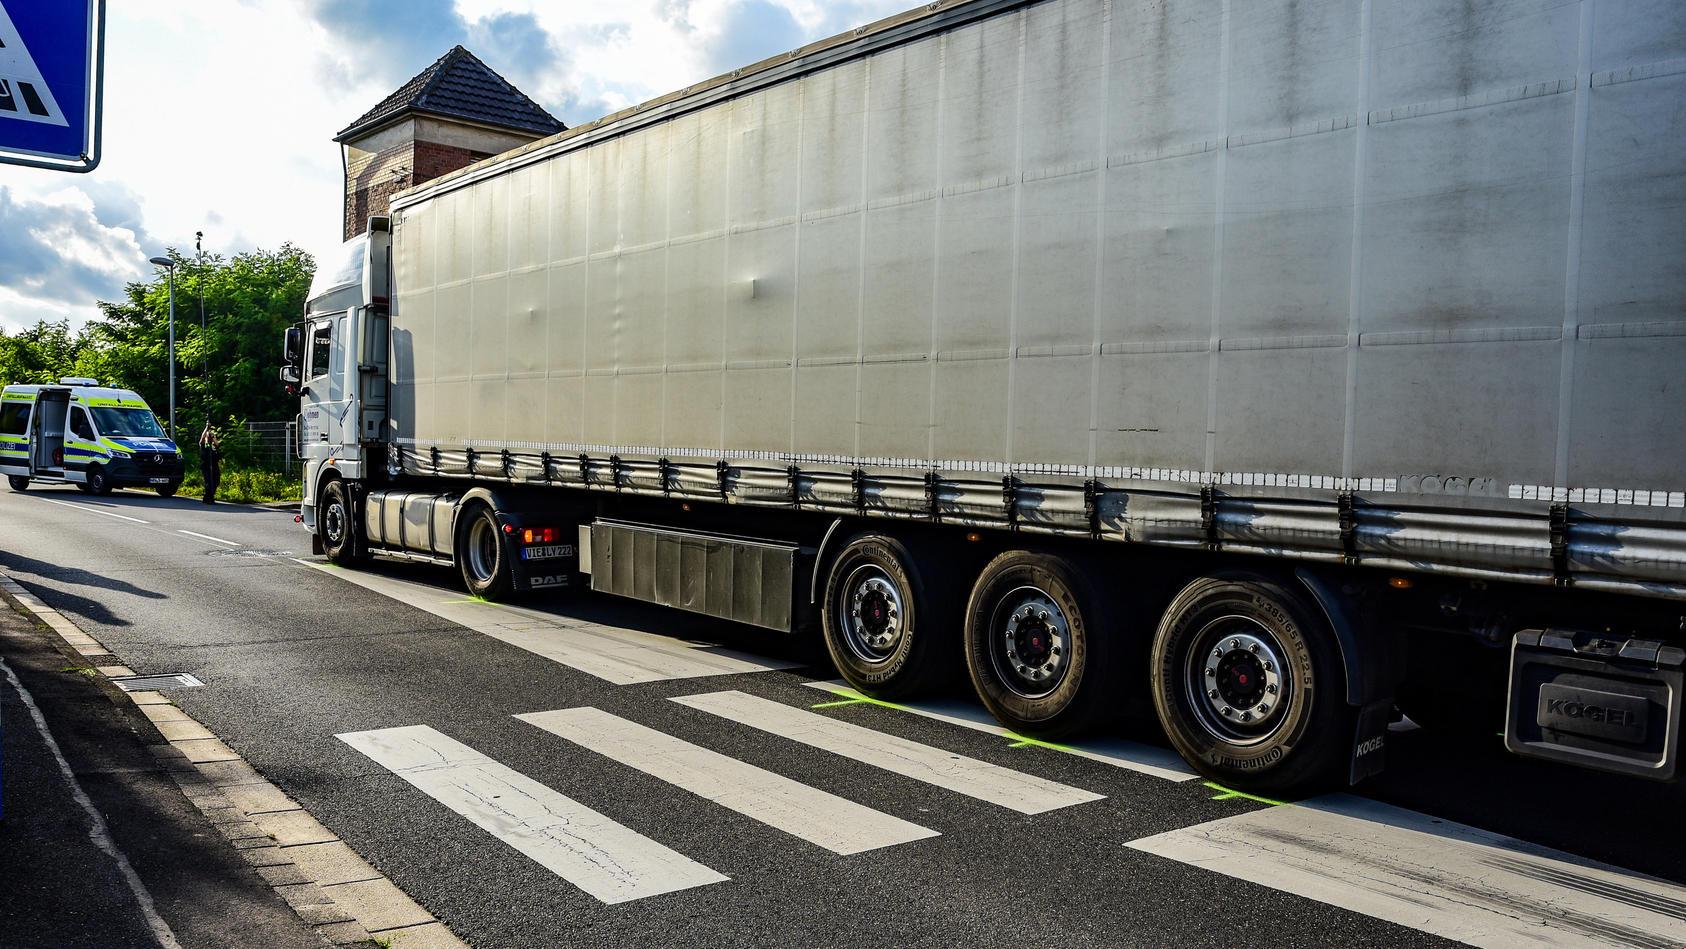 Unglücksstelle in Erftstadt: Dieser Laster überfährt das Kind auf dem Zebrastreifen.